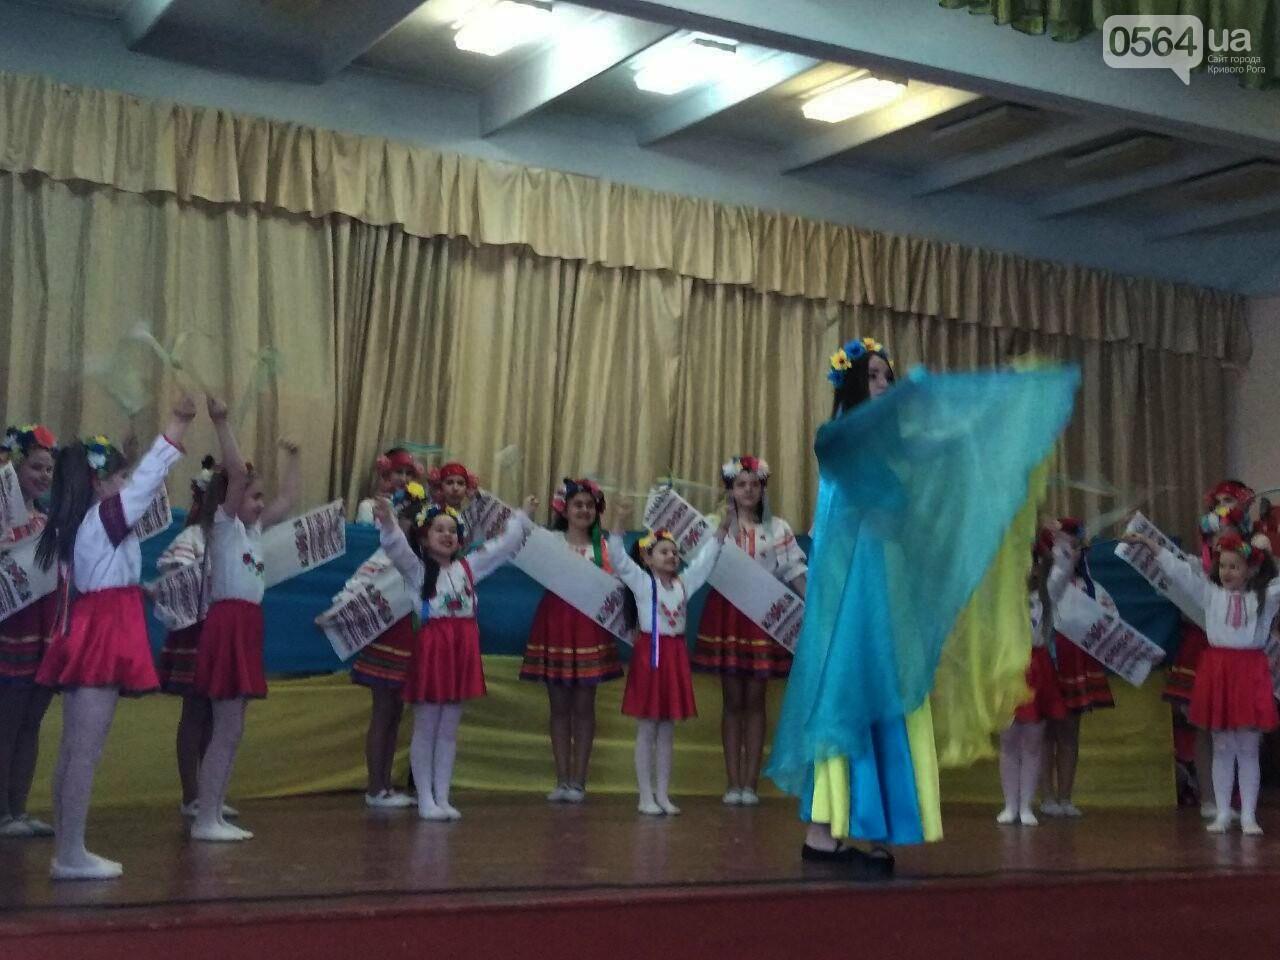 Криворожские школьники провели благотворительный концерт в поддержку бойцов АТО (ФОТО), фото-21